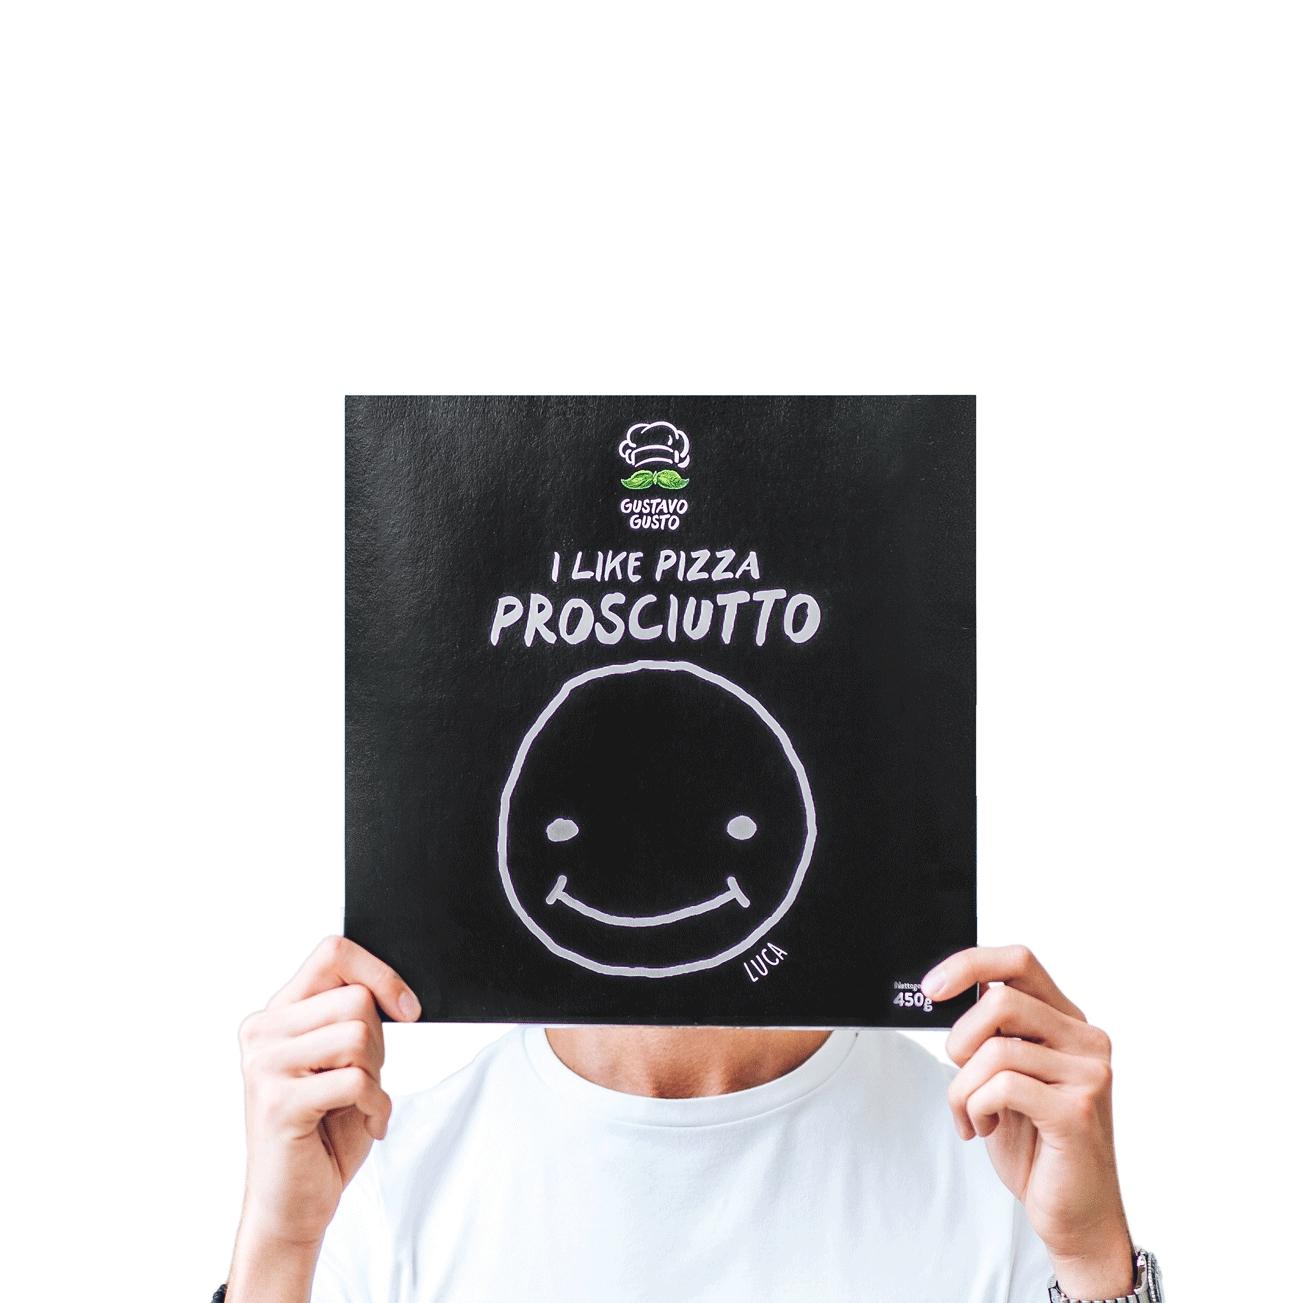 [Rewe, Edeka] Youtuber-TK-Pizza von Gustavo Gusto für 3,49€ statt 3,99€ bis zum 20.10.